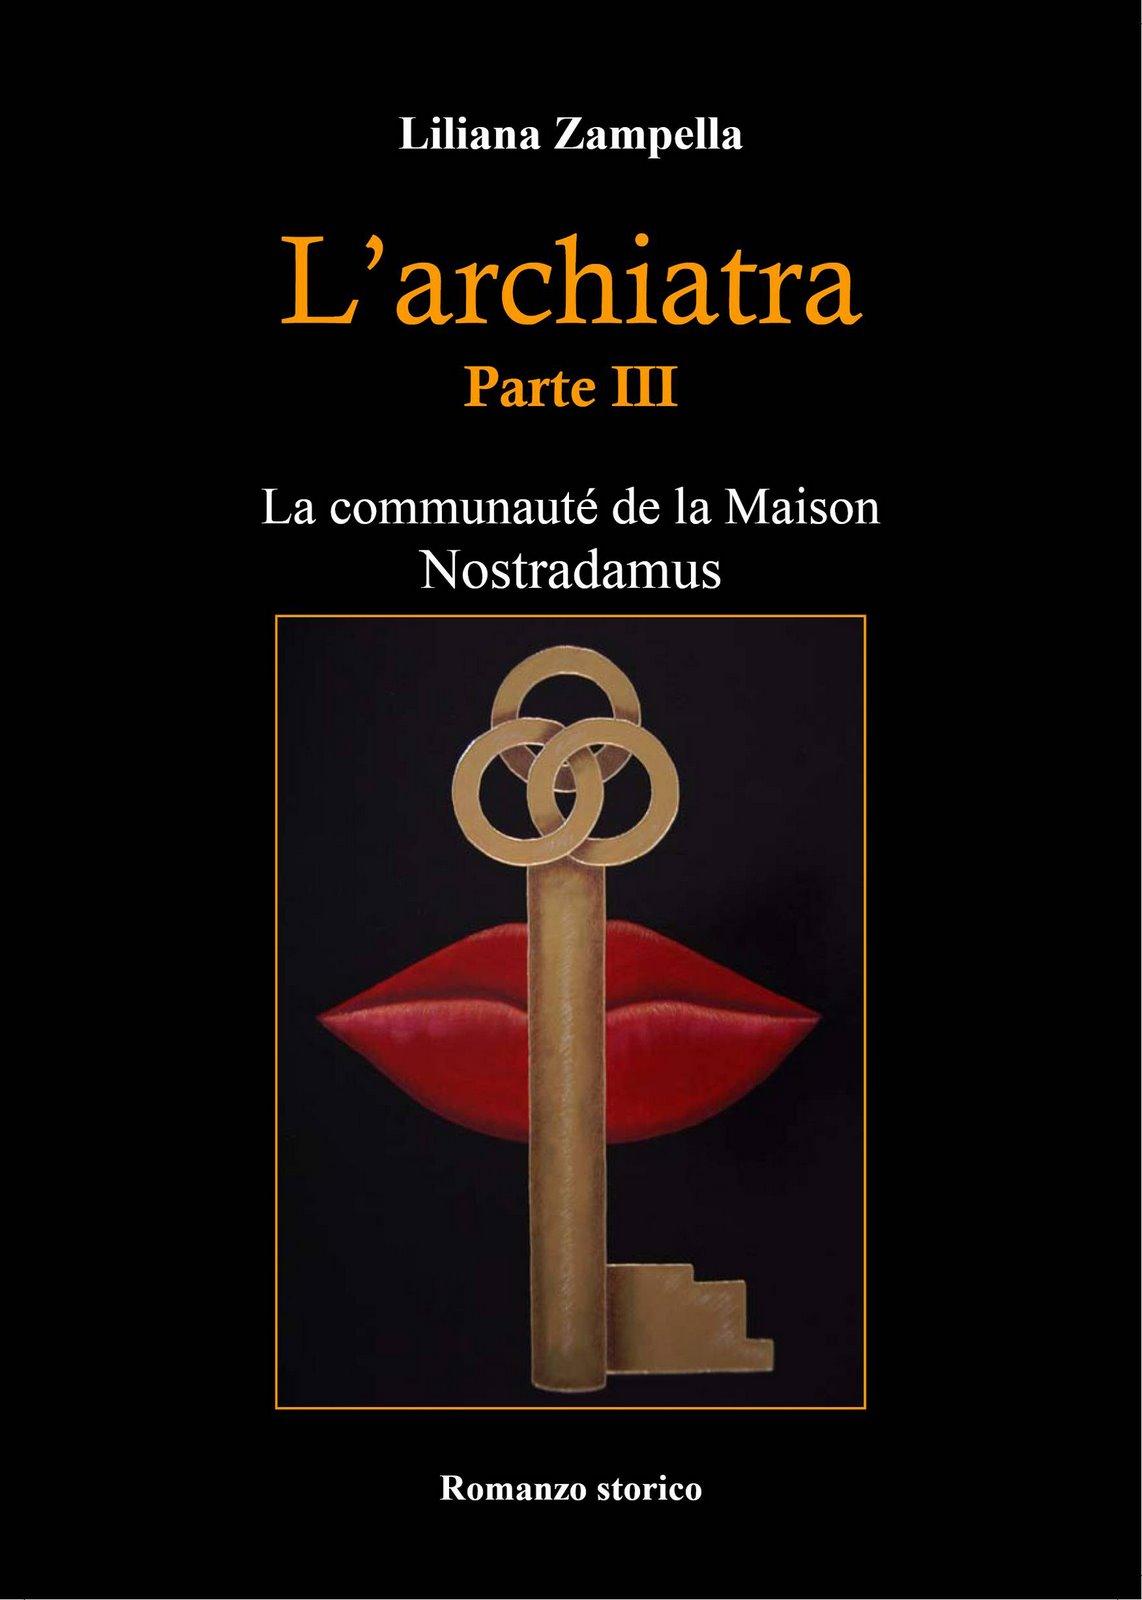 L'Archiatra vol. III